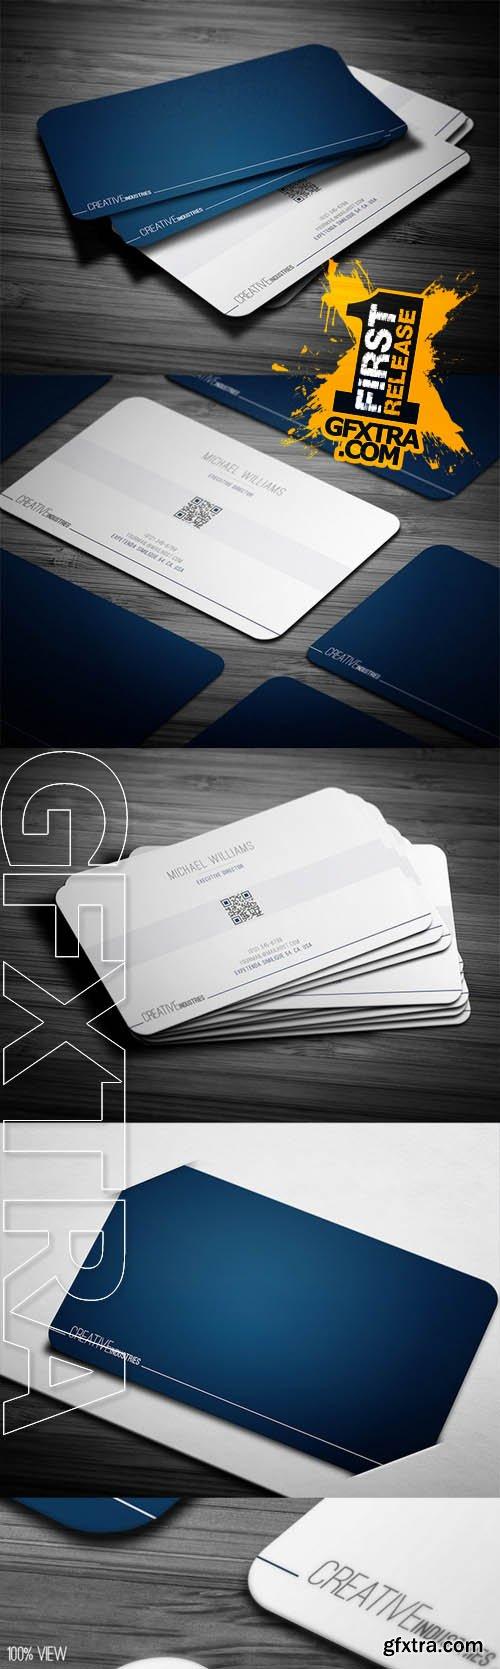 Deep Blue Business Card - CM 79721